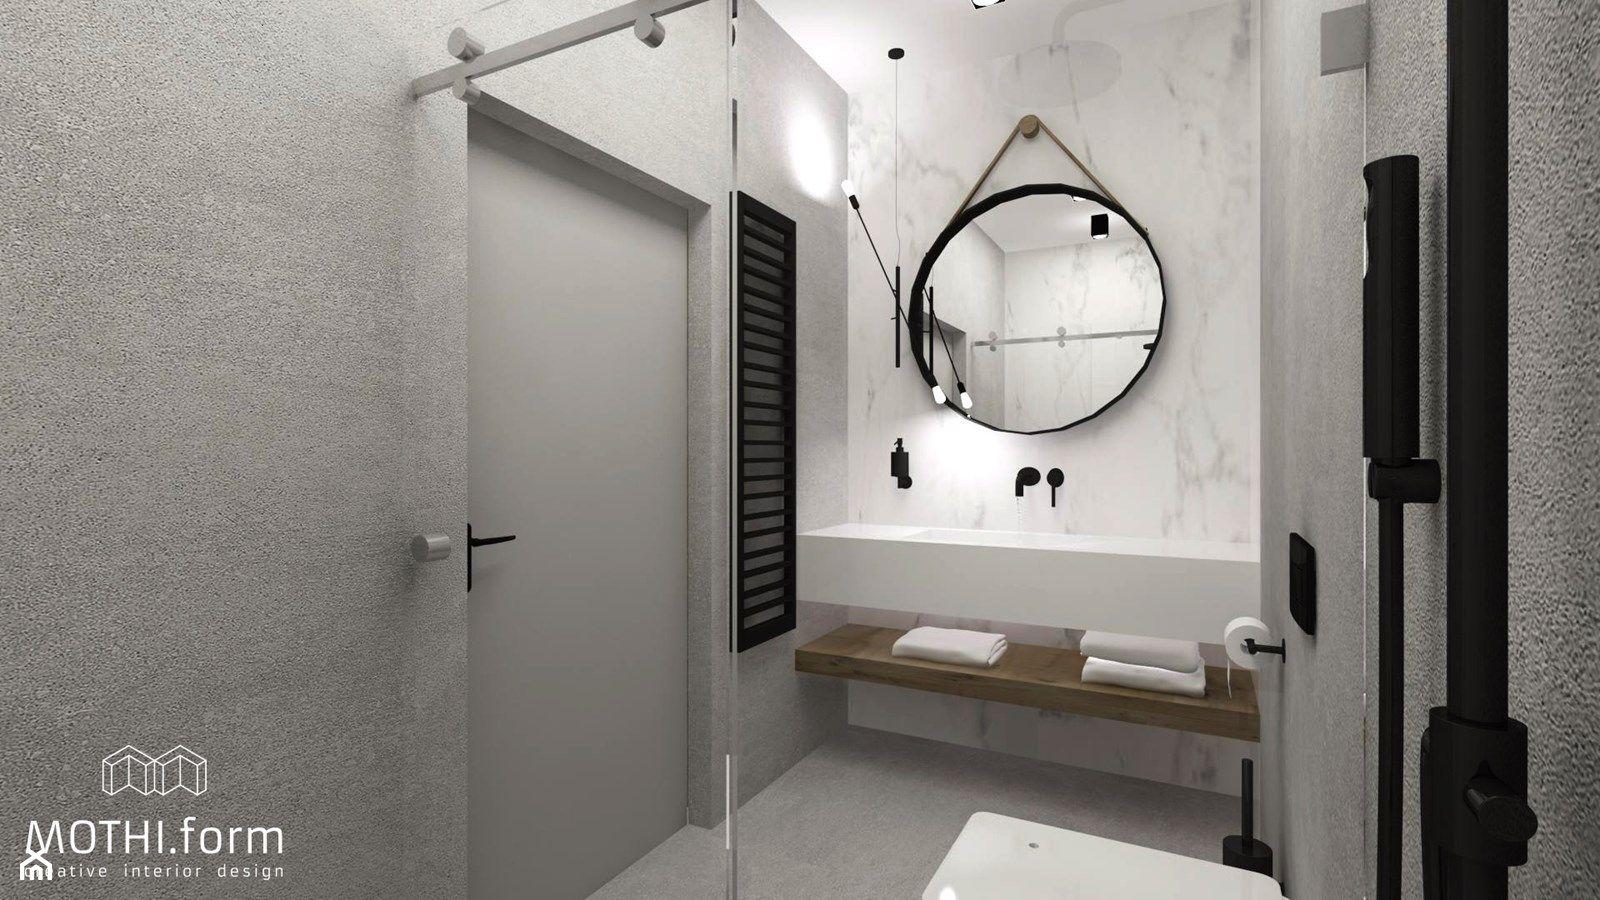 łazienka Na Parterze Zdjęcie Od Mothiform łazienka